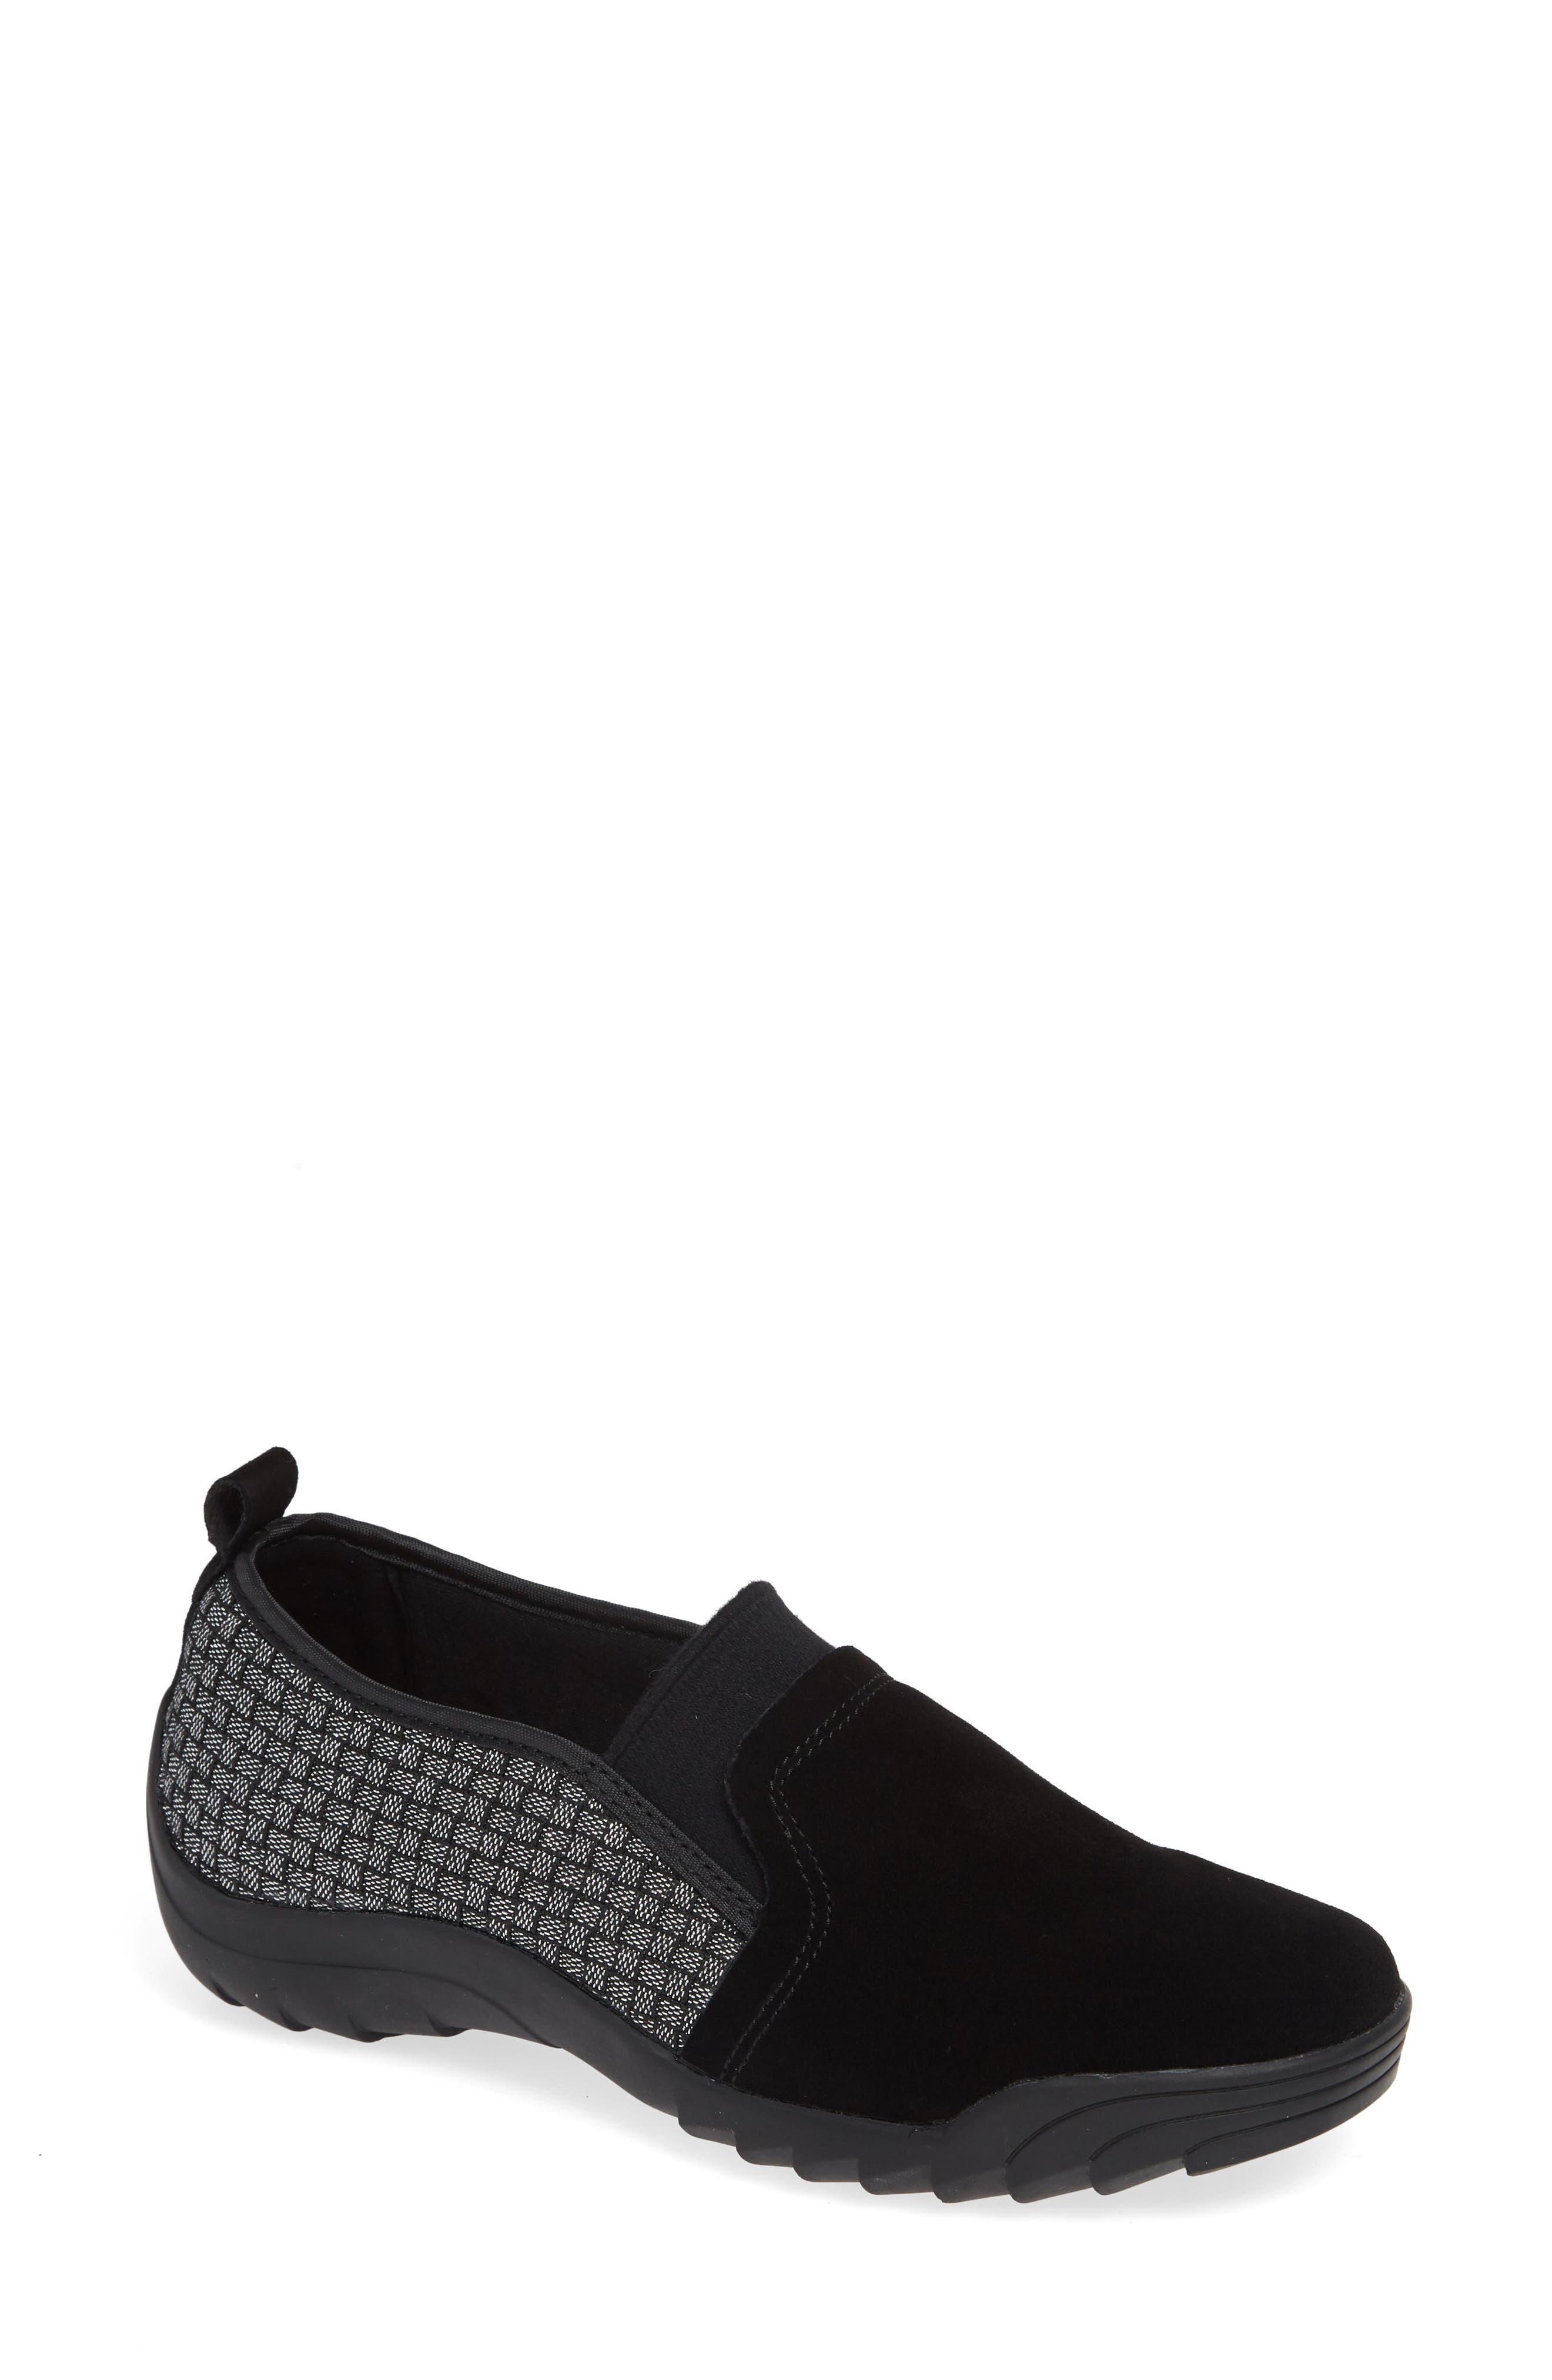 Swift Slip-On Sneaker,                             Main thumbnail 1, color,                             BLACK SHIMMER LEATHER